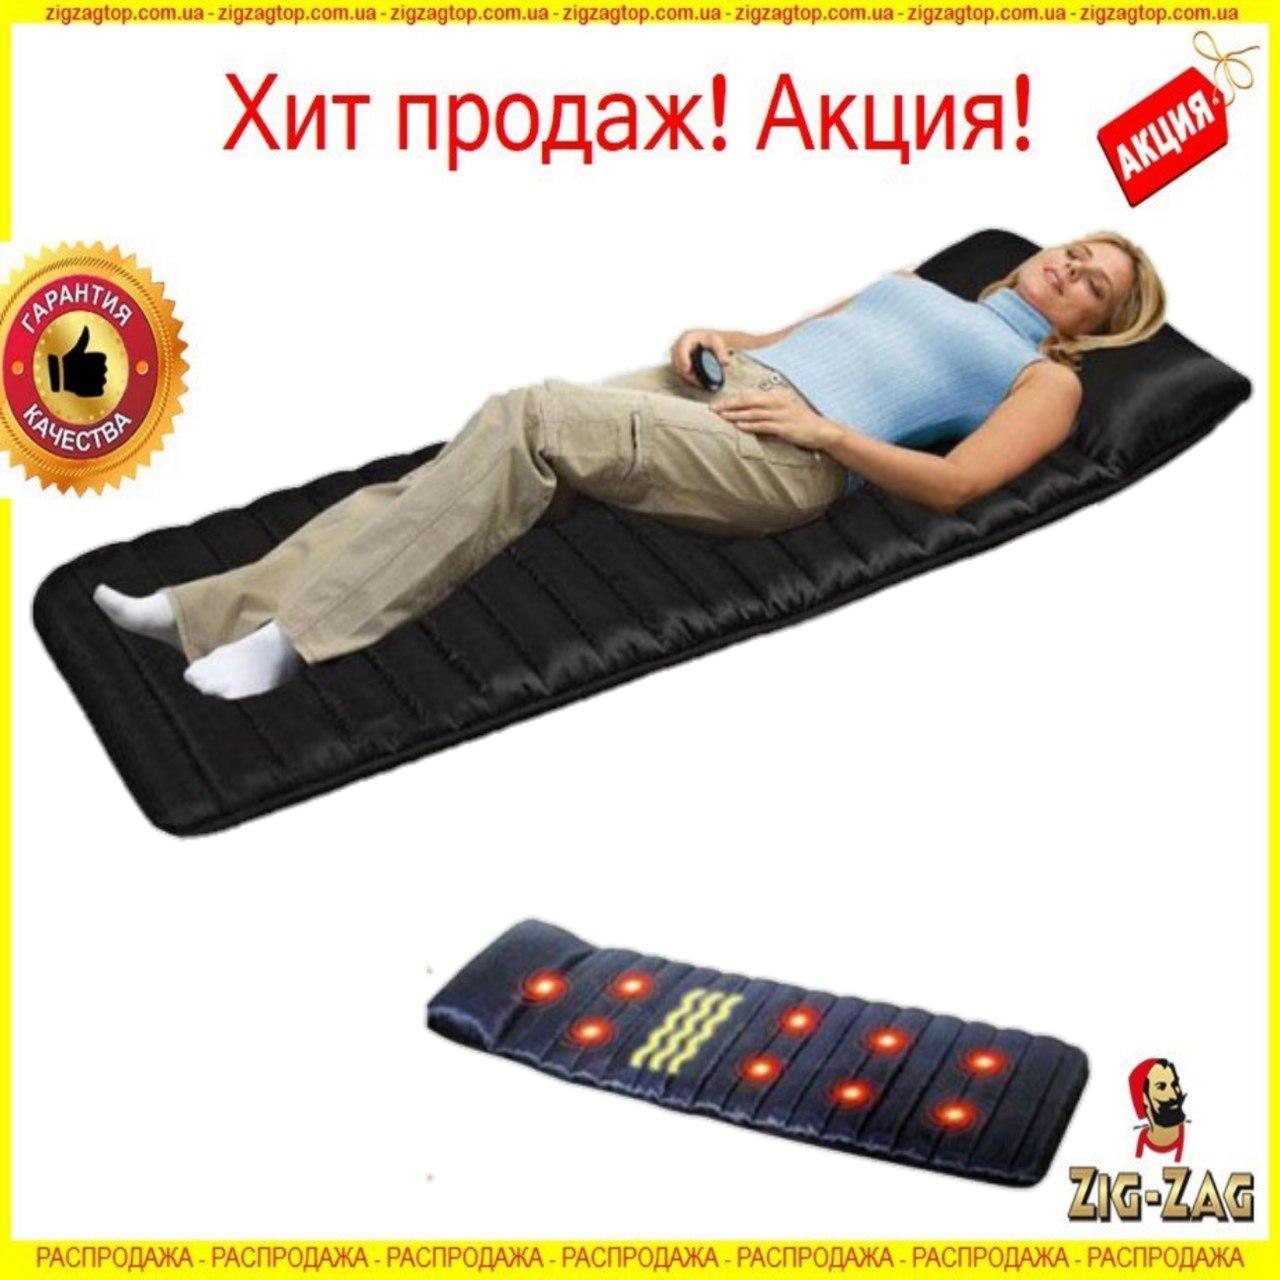 Масажний Матрац з Підігрівом Massage 9 Режимів Електронний Килимок електромасажер для тіла від 220 +ПУЛЬТ